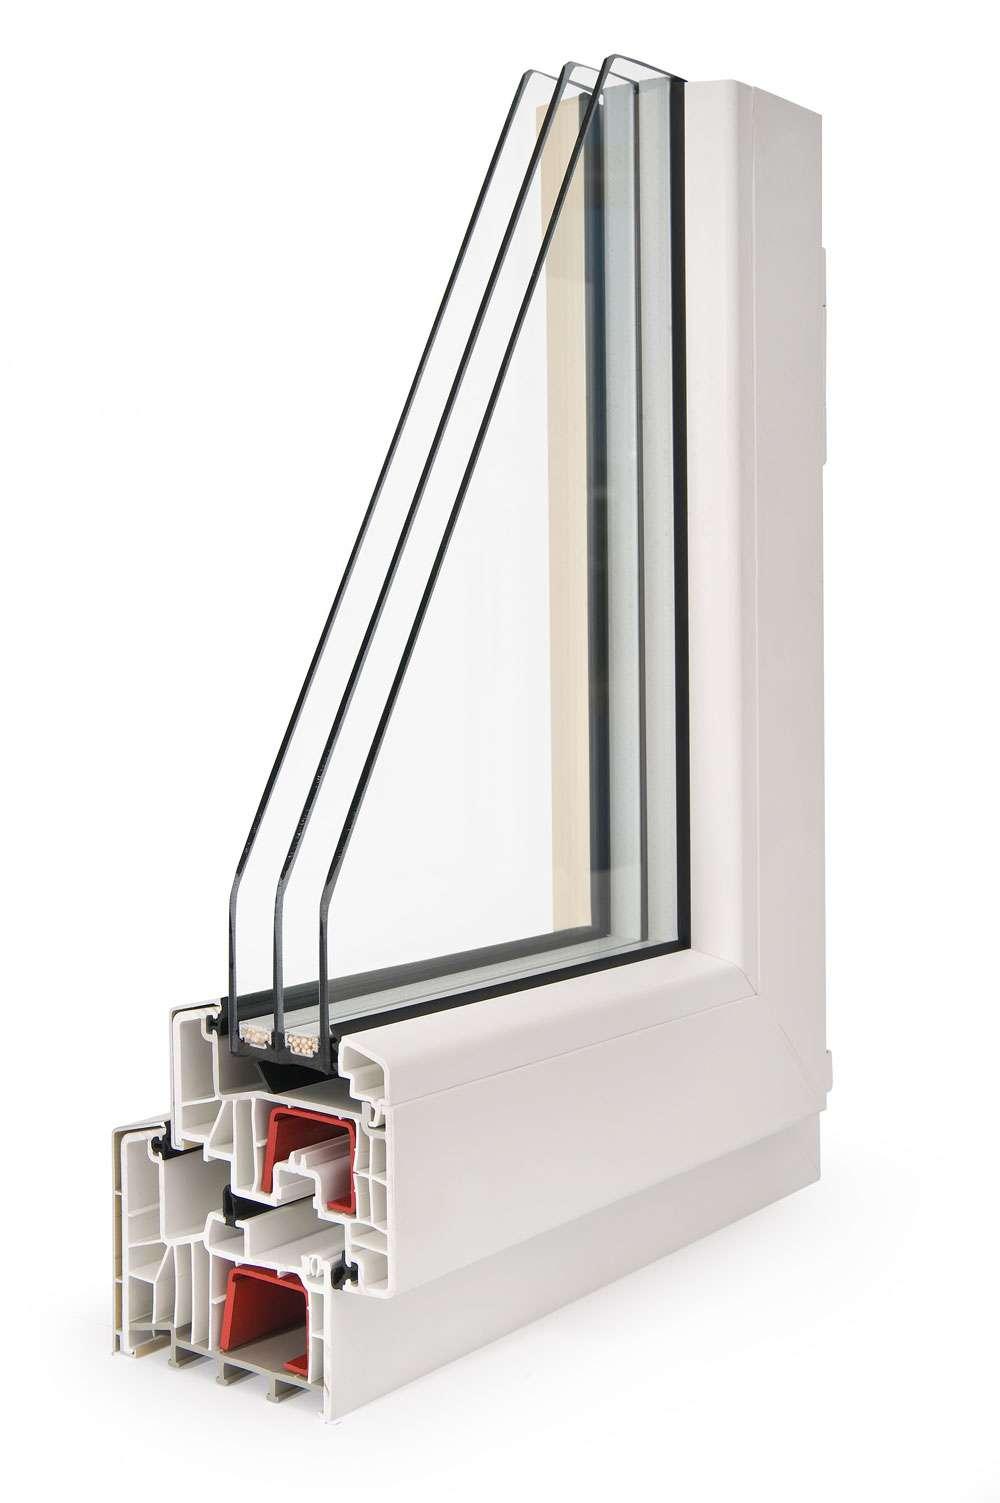 درب و پنجره های سه جداره در البرز کرج ⋆ درب پنجره upvc